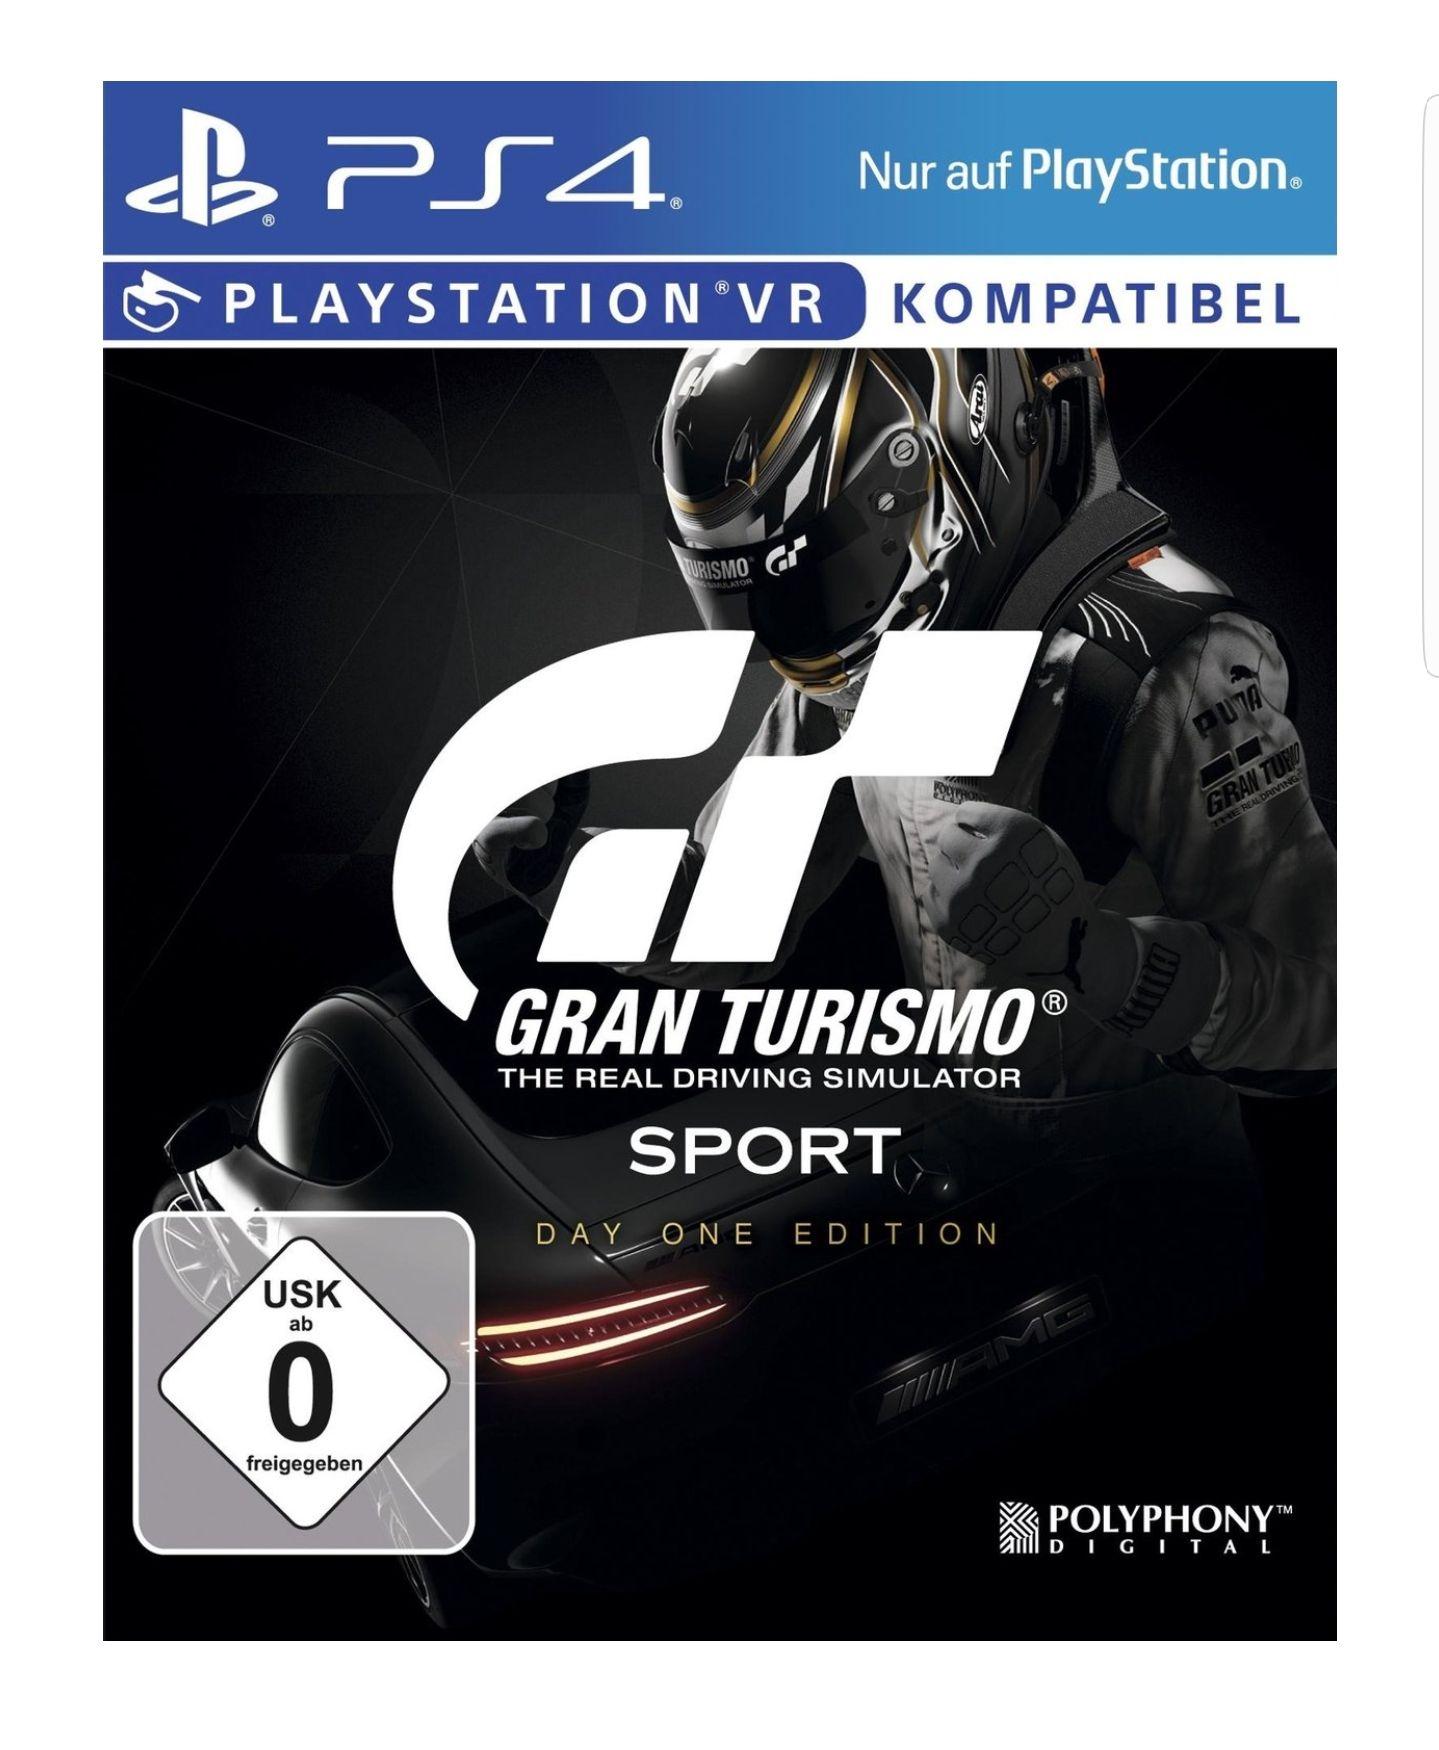 Rebuy Gran Turismo Sport [Day One Edition] mit 5 Euro Gutschein nur 28.99 Euro